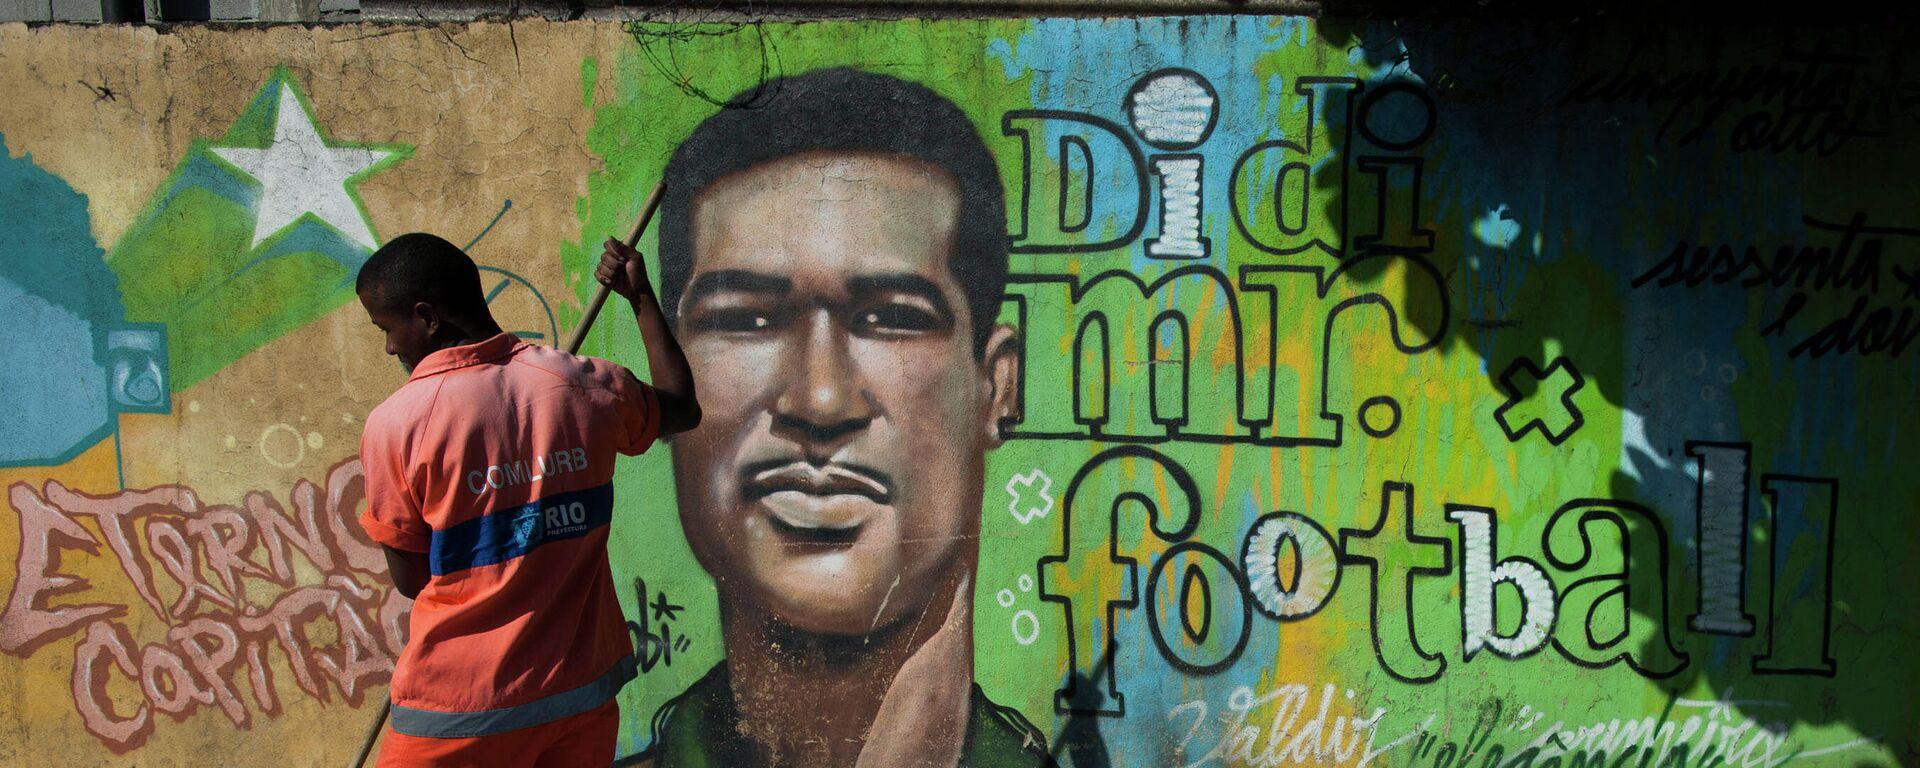 Ο Βραζιλιάνος ποδοσφαιριστής Ντιντί - Sputnik Ελλάδα, 1920, 08.10.2021